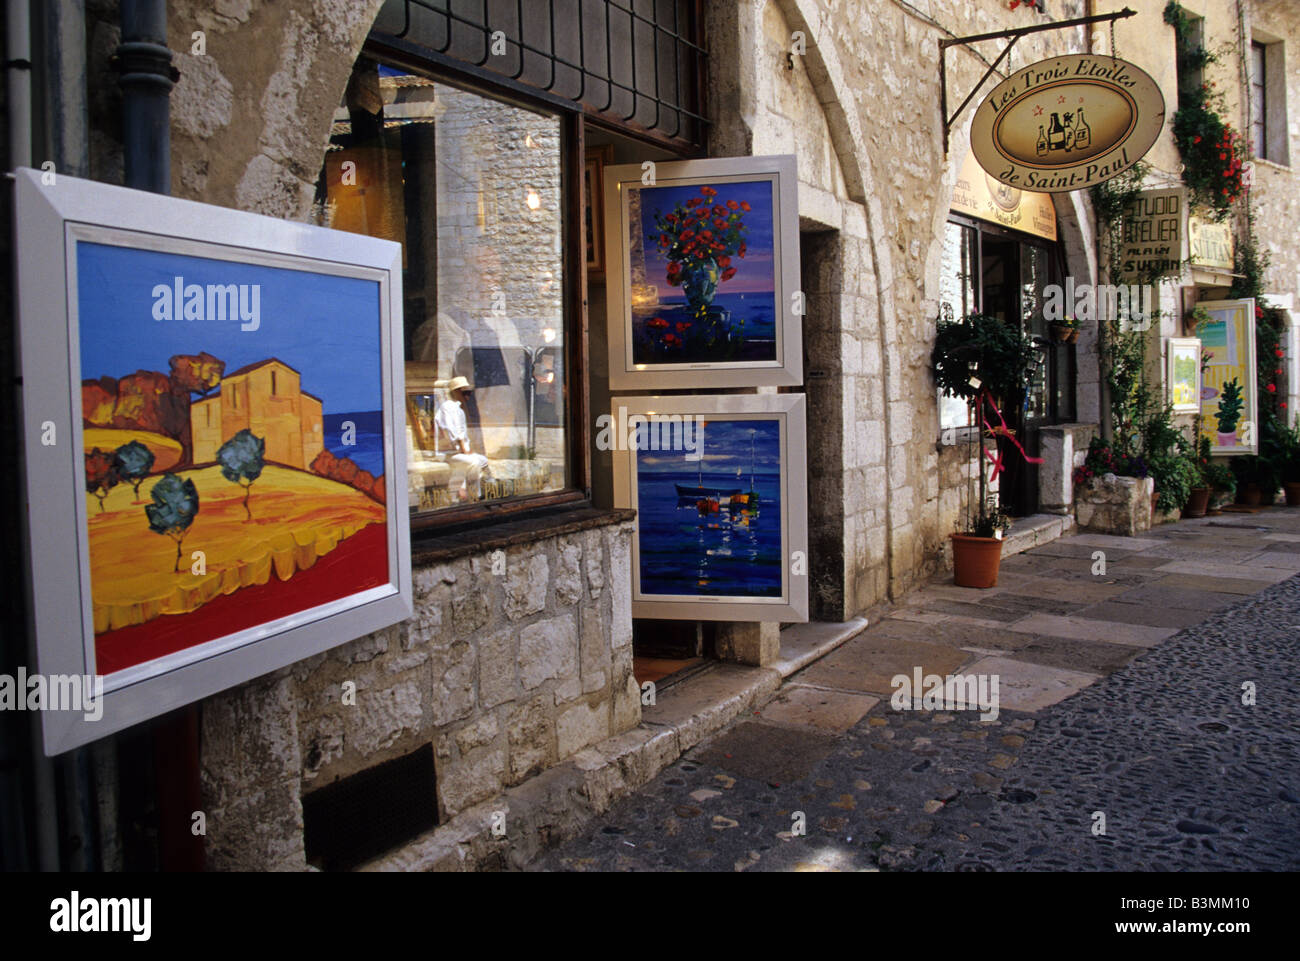 Saint Paul De Vence Art france povence st paul de vence art galleries displaying